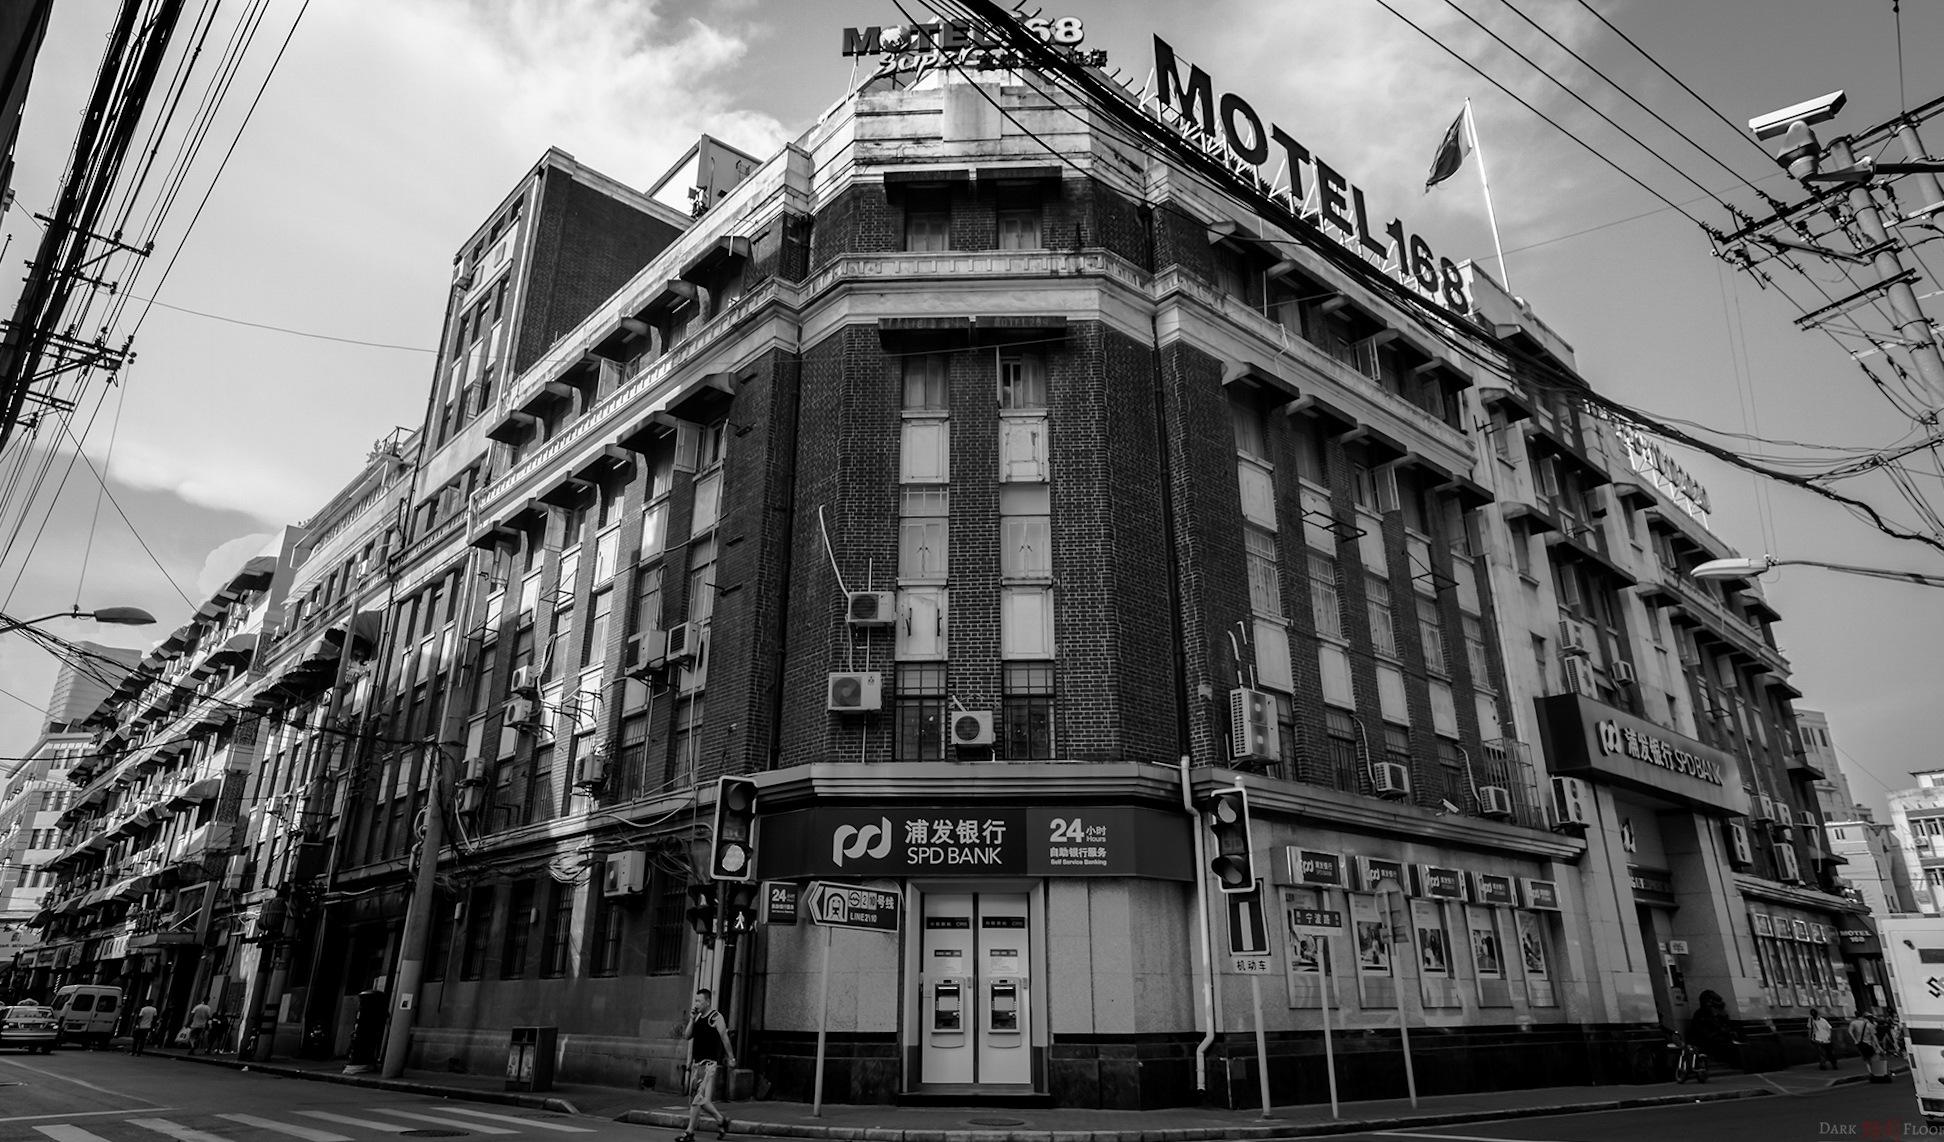 Motel 168 by d4rkfloors